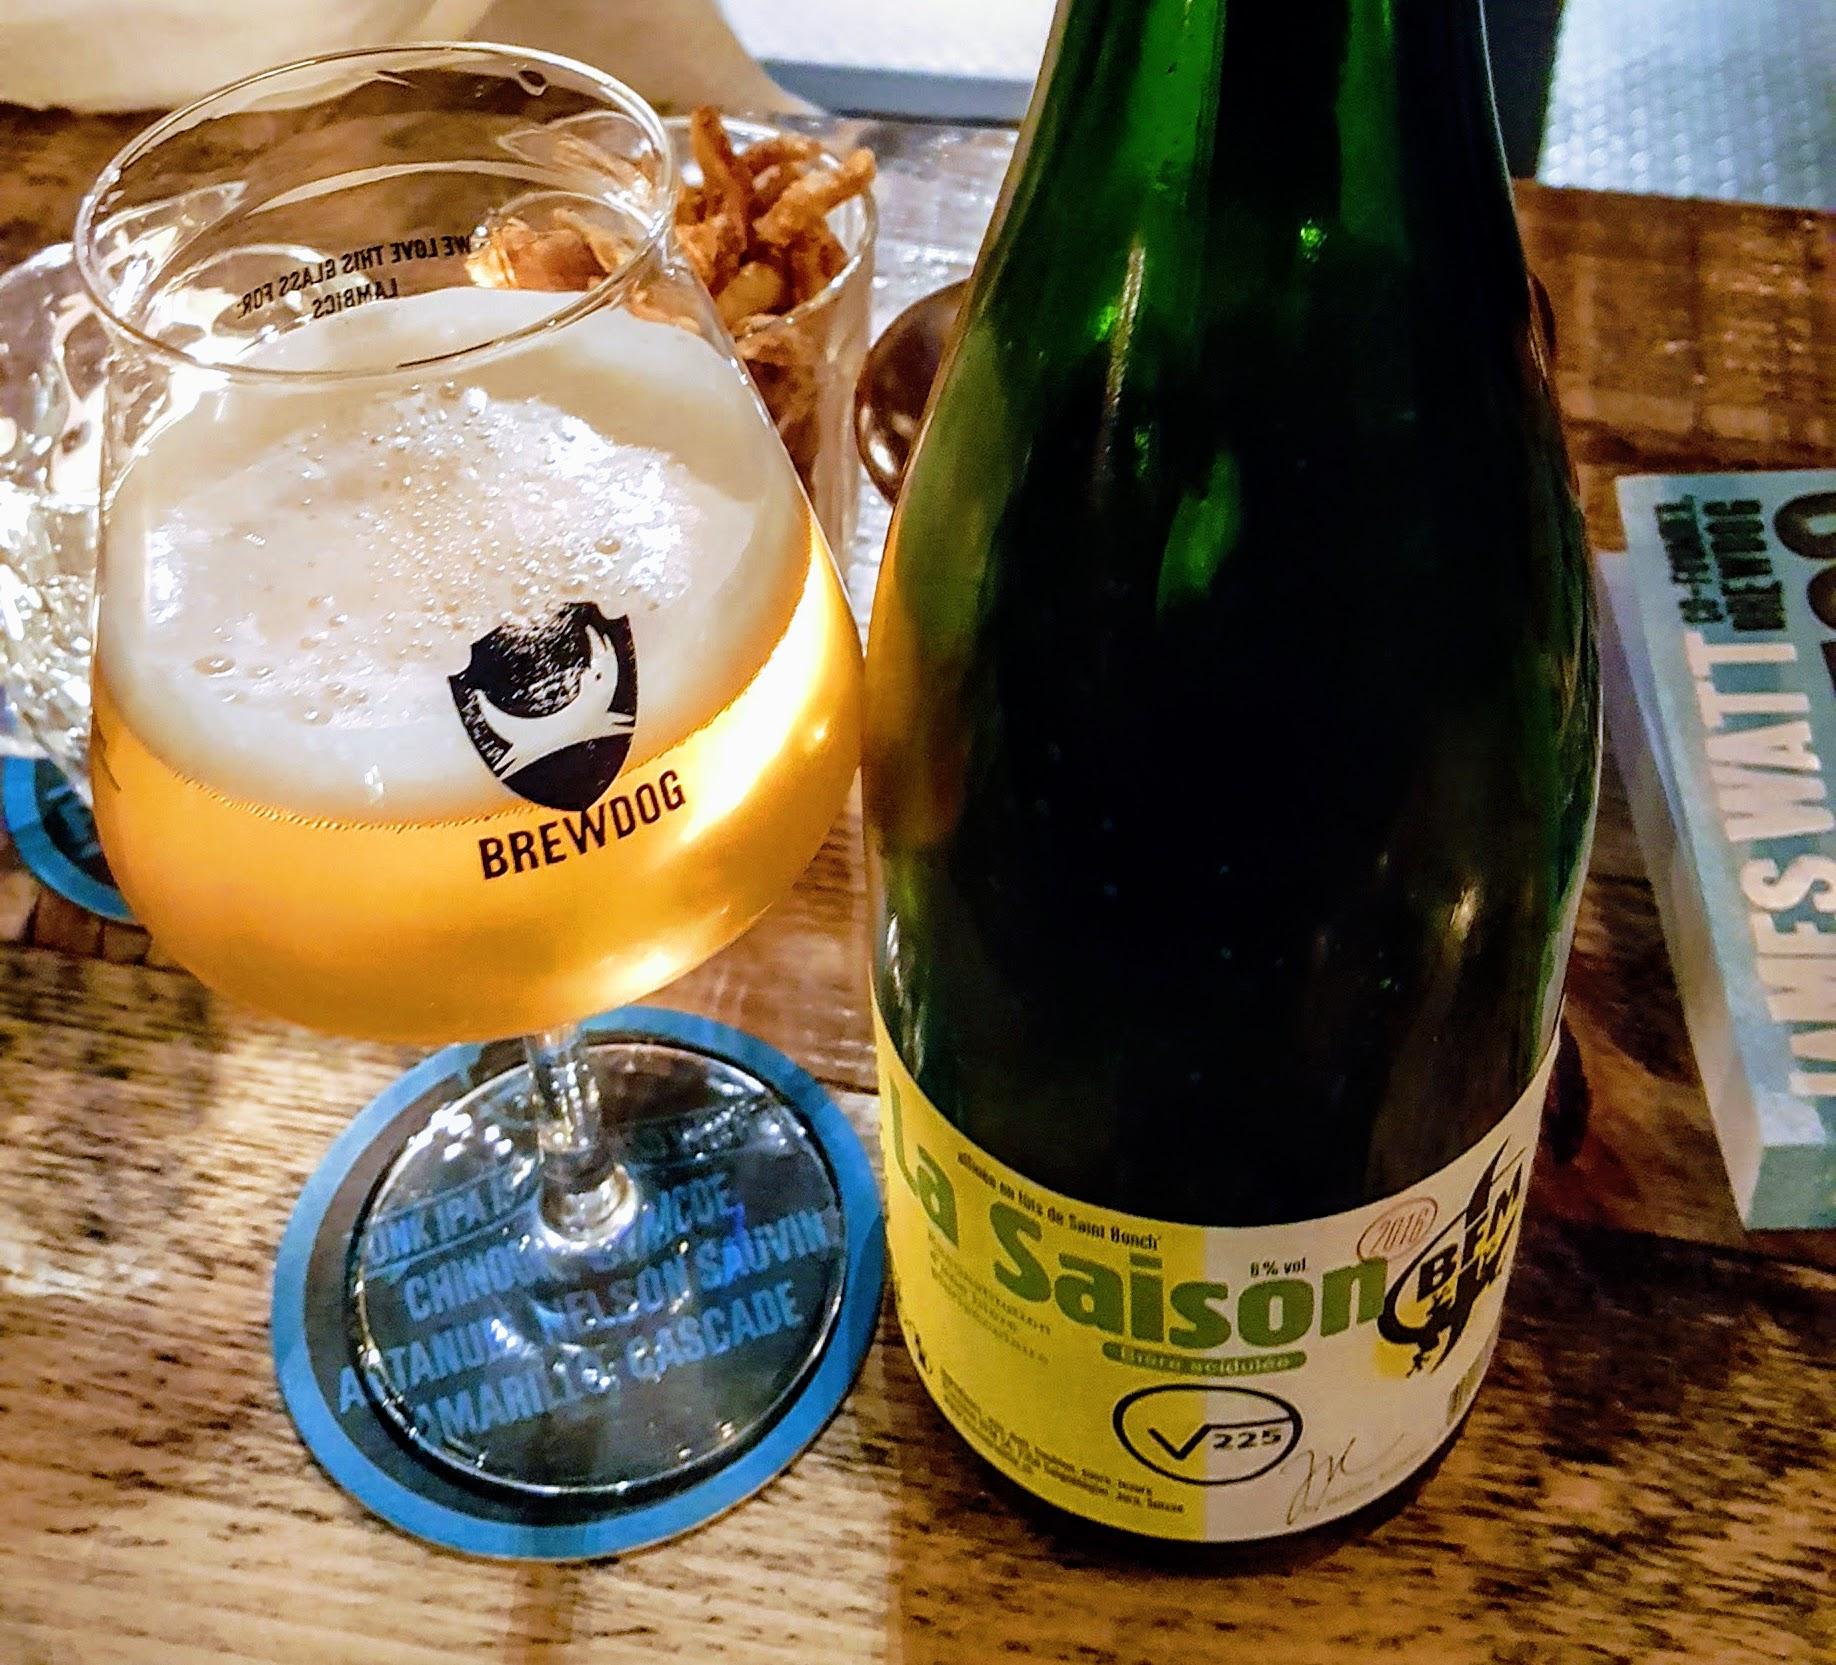 Cervezas belgas - Las cervezas belgas, como esta Saison, se distinguen por su perfil aromático y sus compuestos provenientes de las fermentaciones. Son muy complejas. Las levaduras que usan, el perfil de maceración y fermentación son los secretos para obtener más compuestos que tienen una influencia en el sabor.